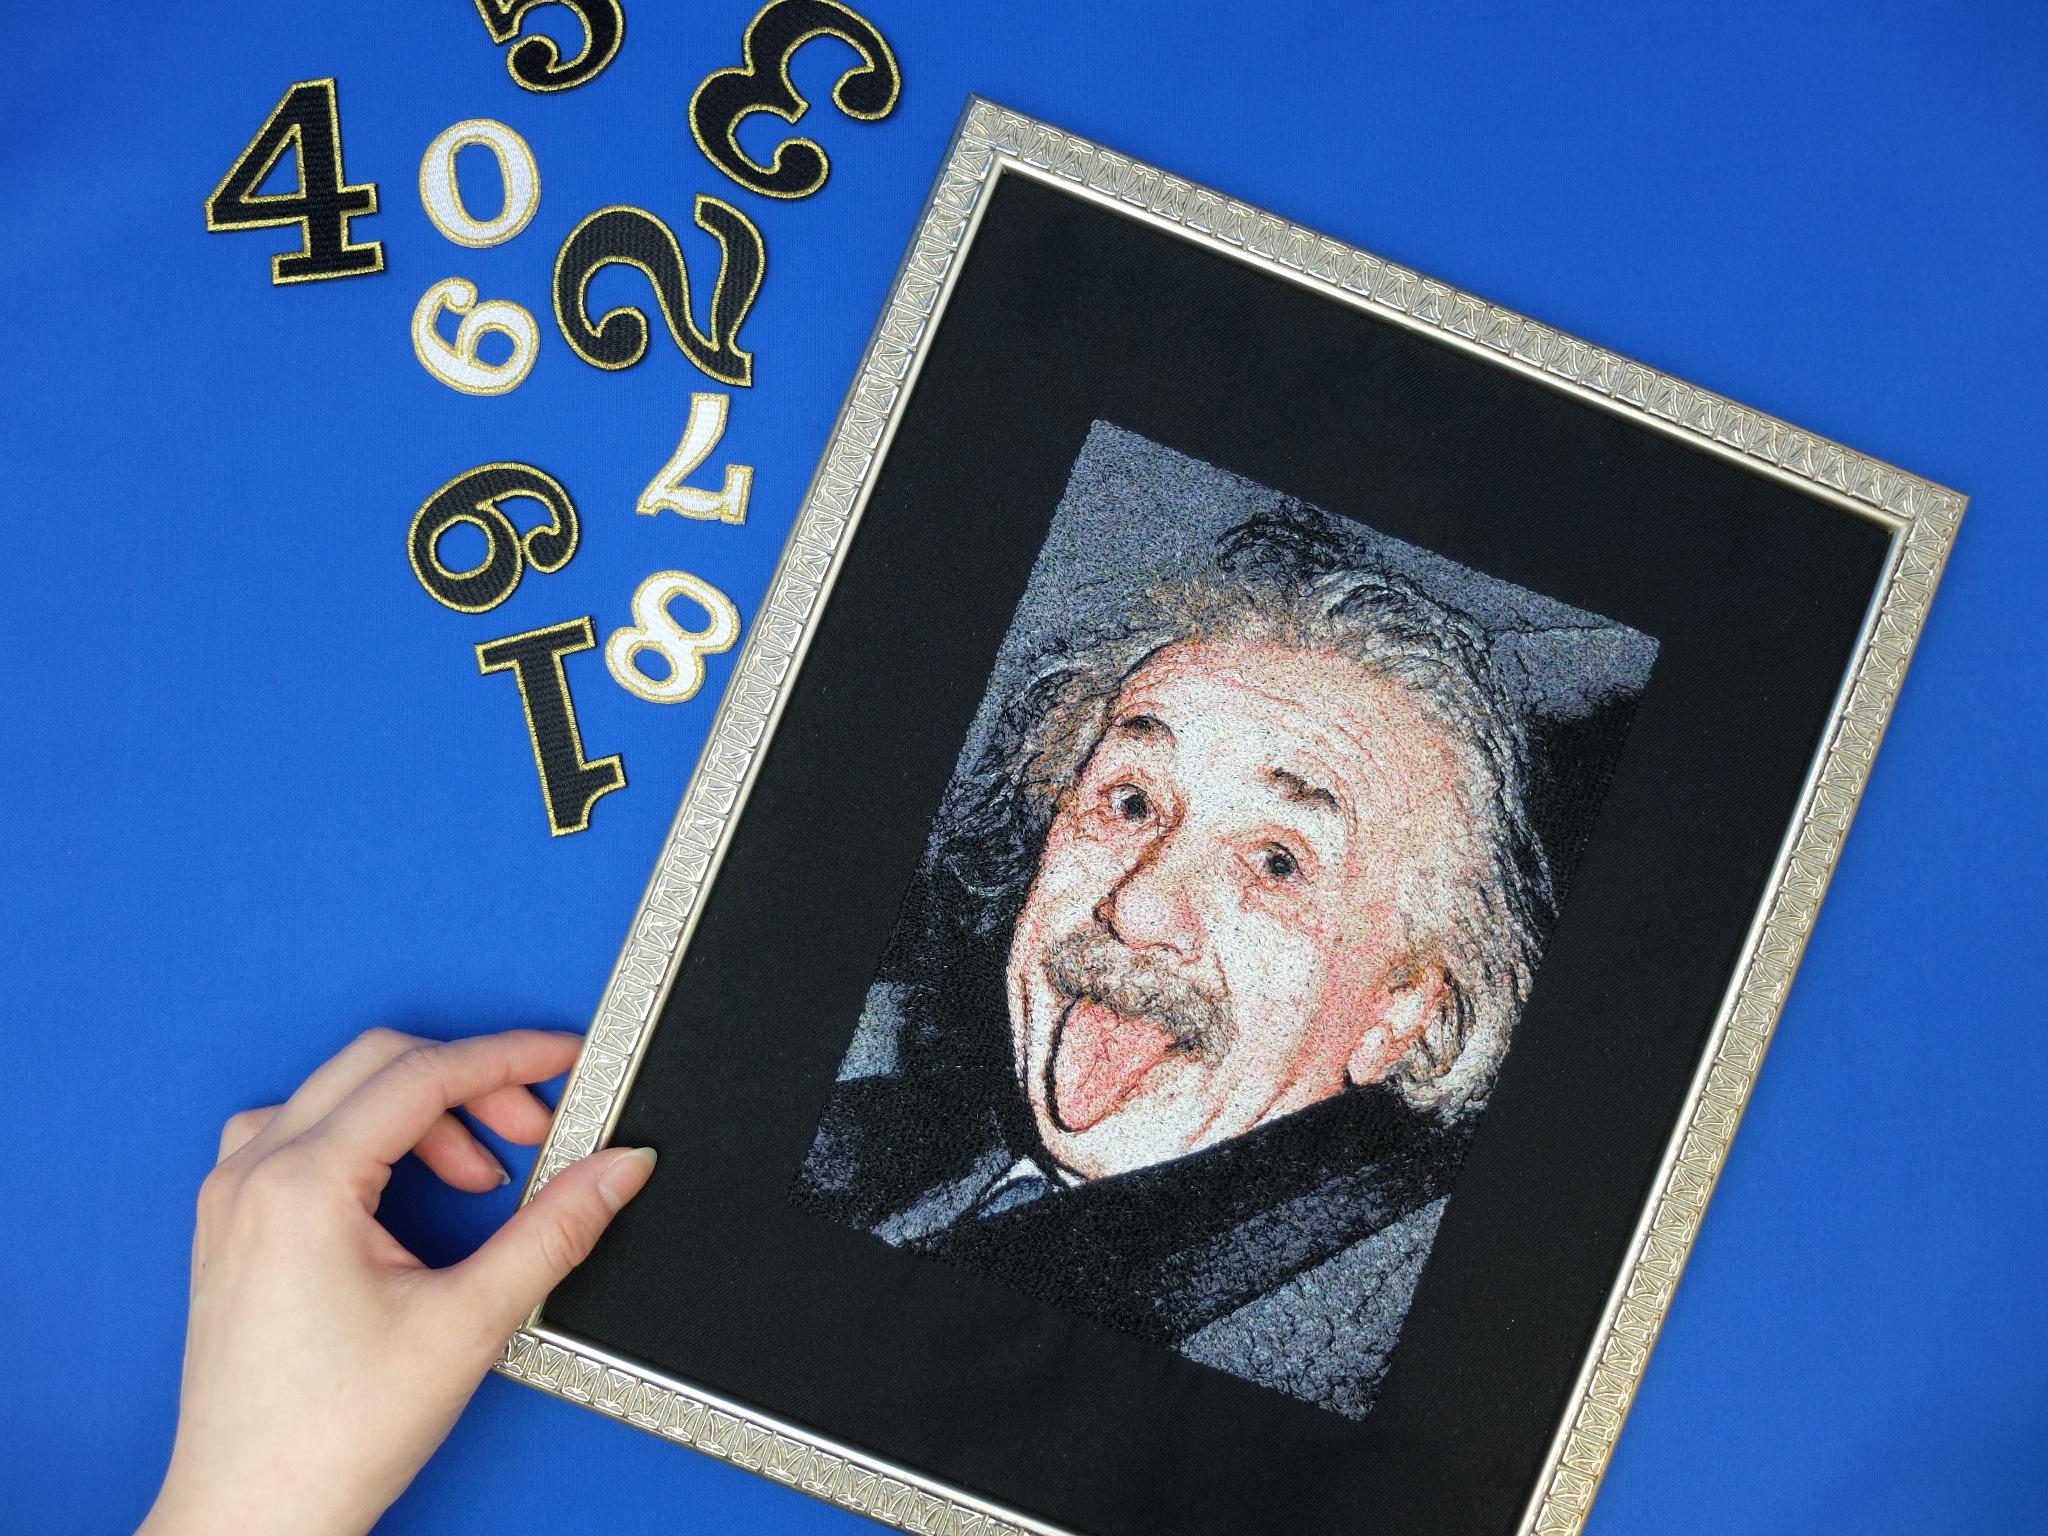 アインシュタイン 相対性理論 偉人 フォト刺繍